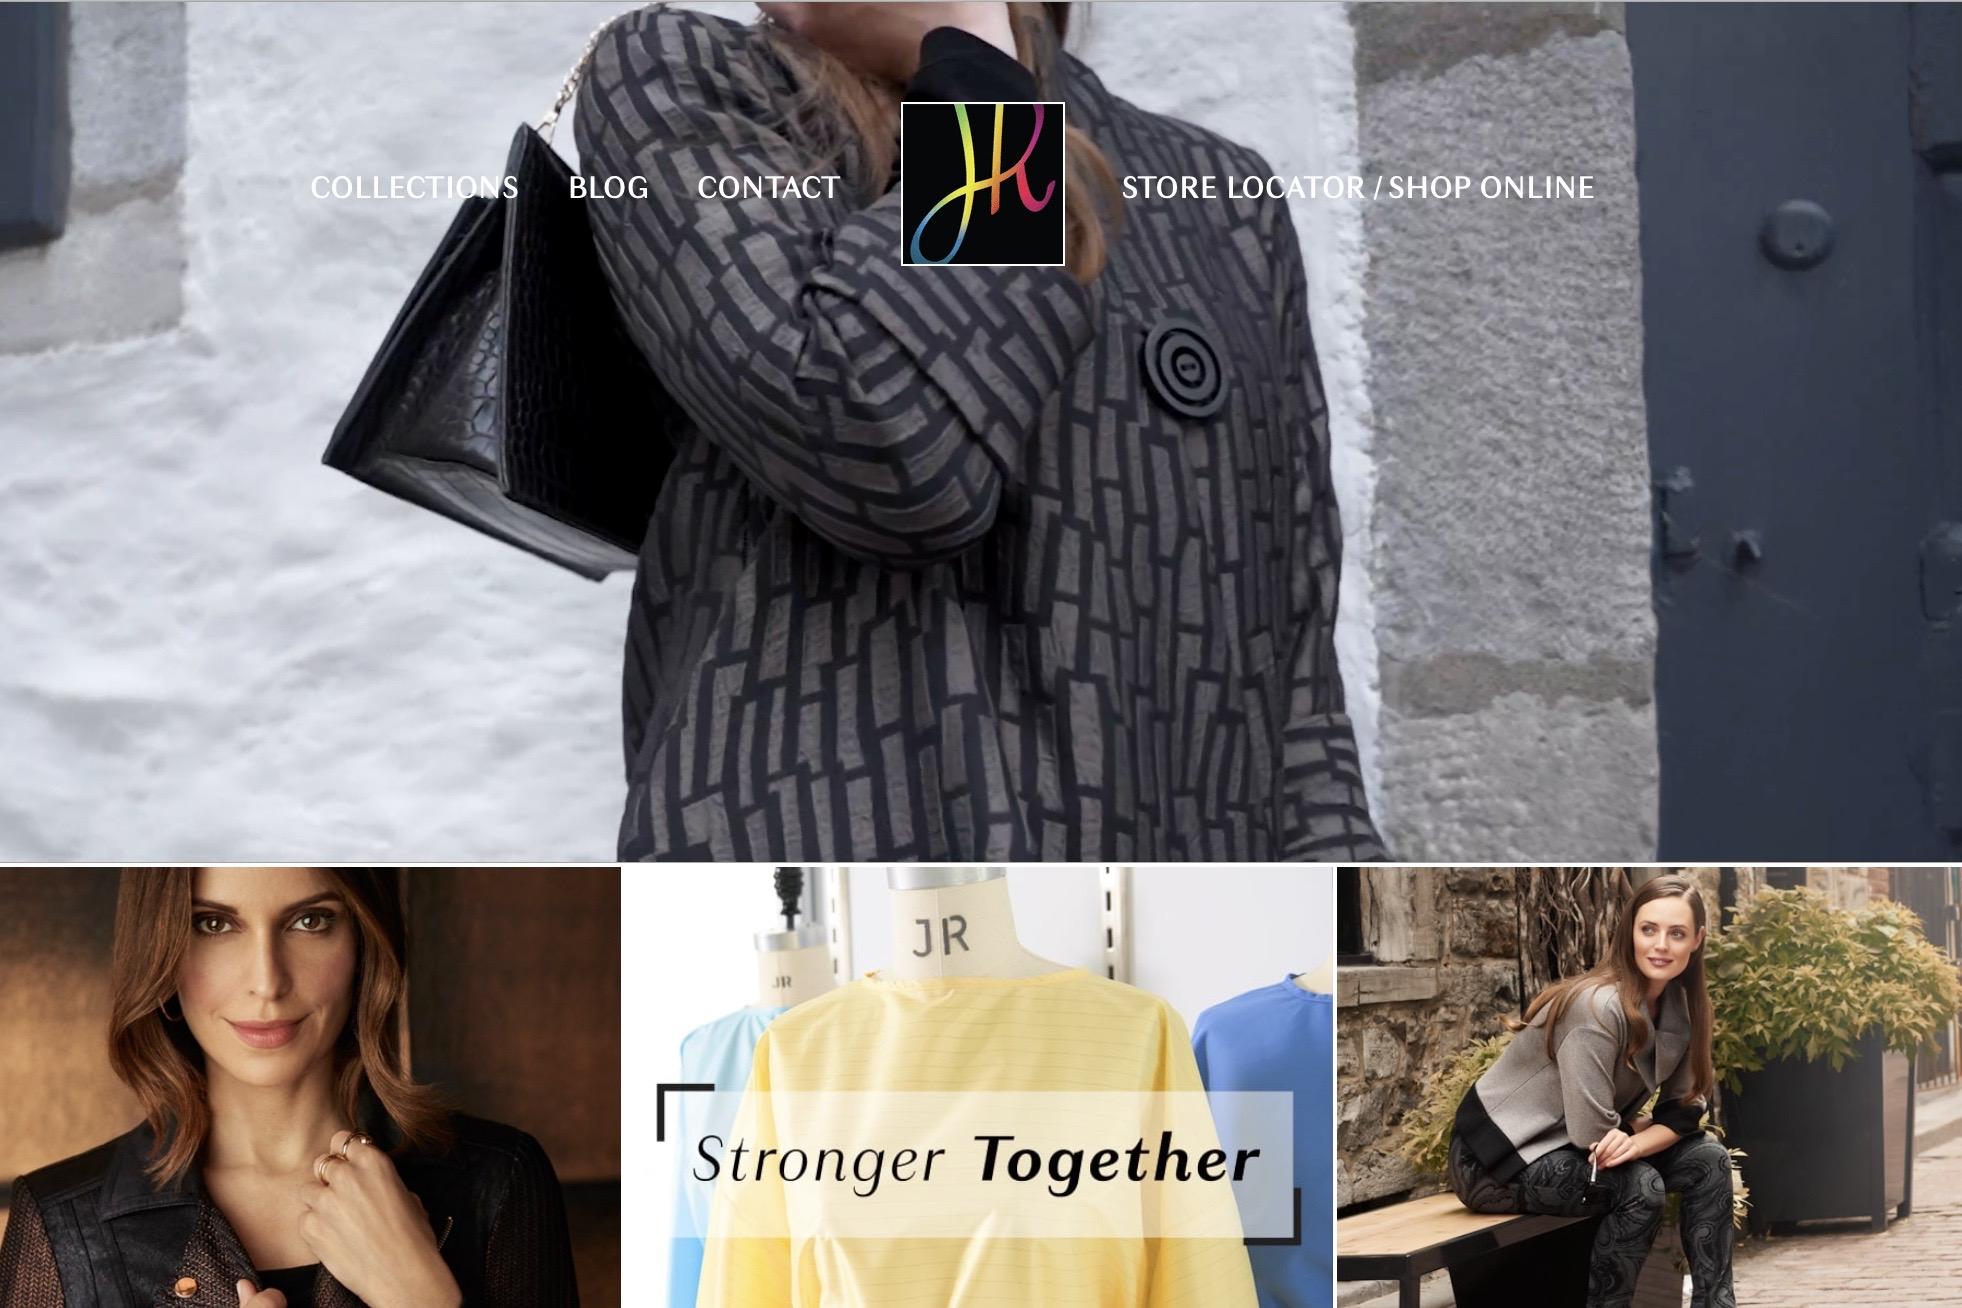 加拿大女装品牌 Joseph Ribkoff 融资 1000万美元以应对疫情冲击